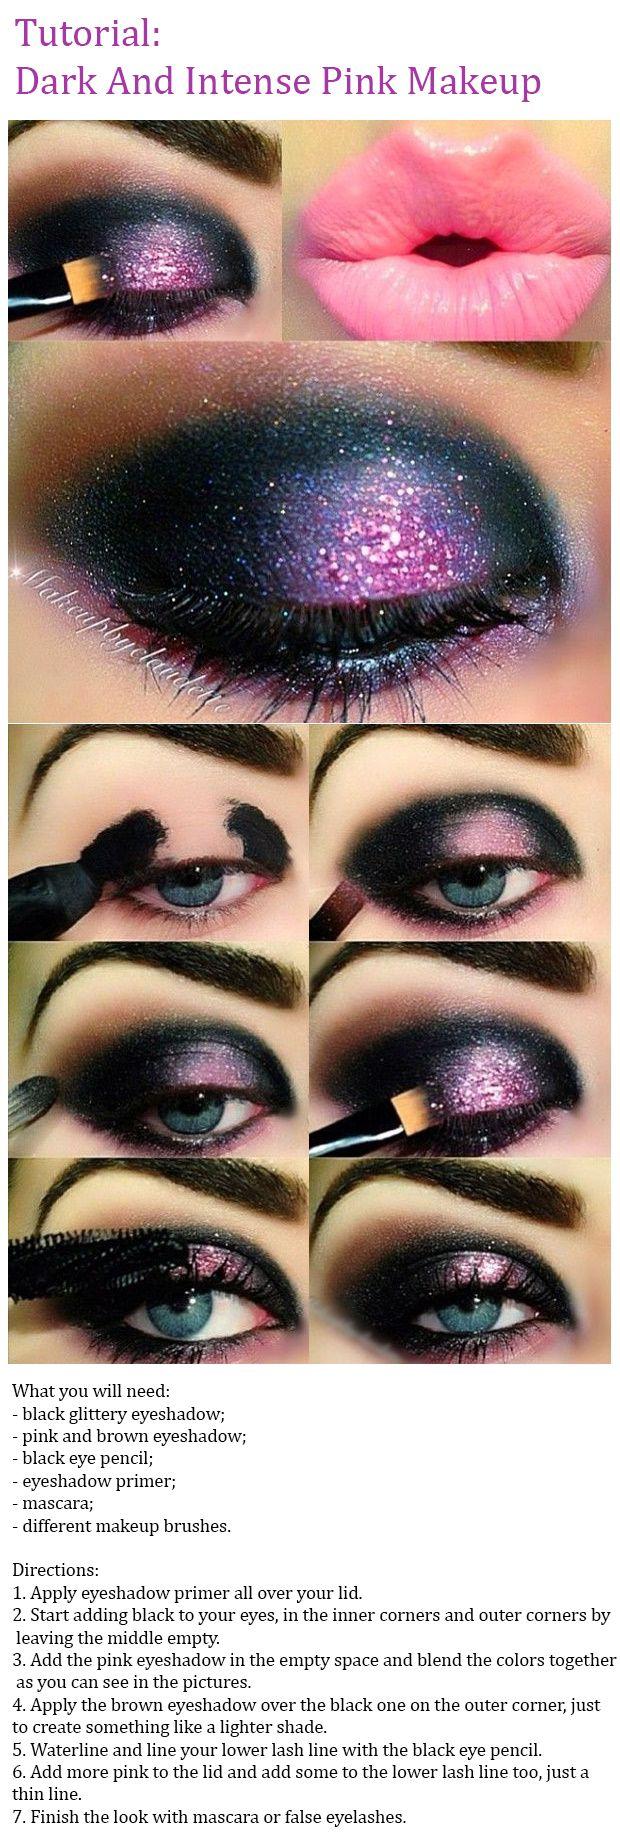 Best 25+ Intense eye makeup ideas on Pinterest | Black ...  Best 25+ Intens...